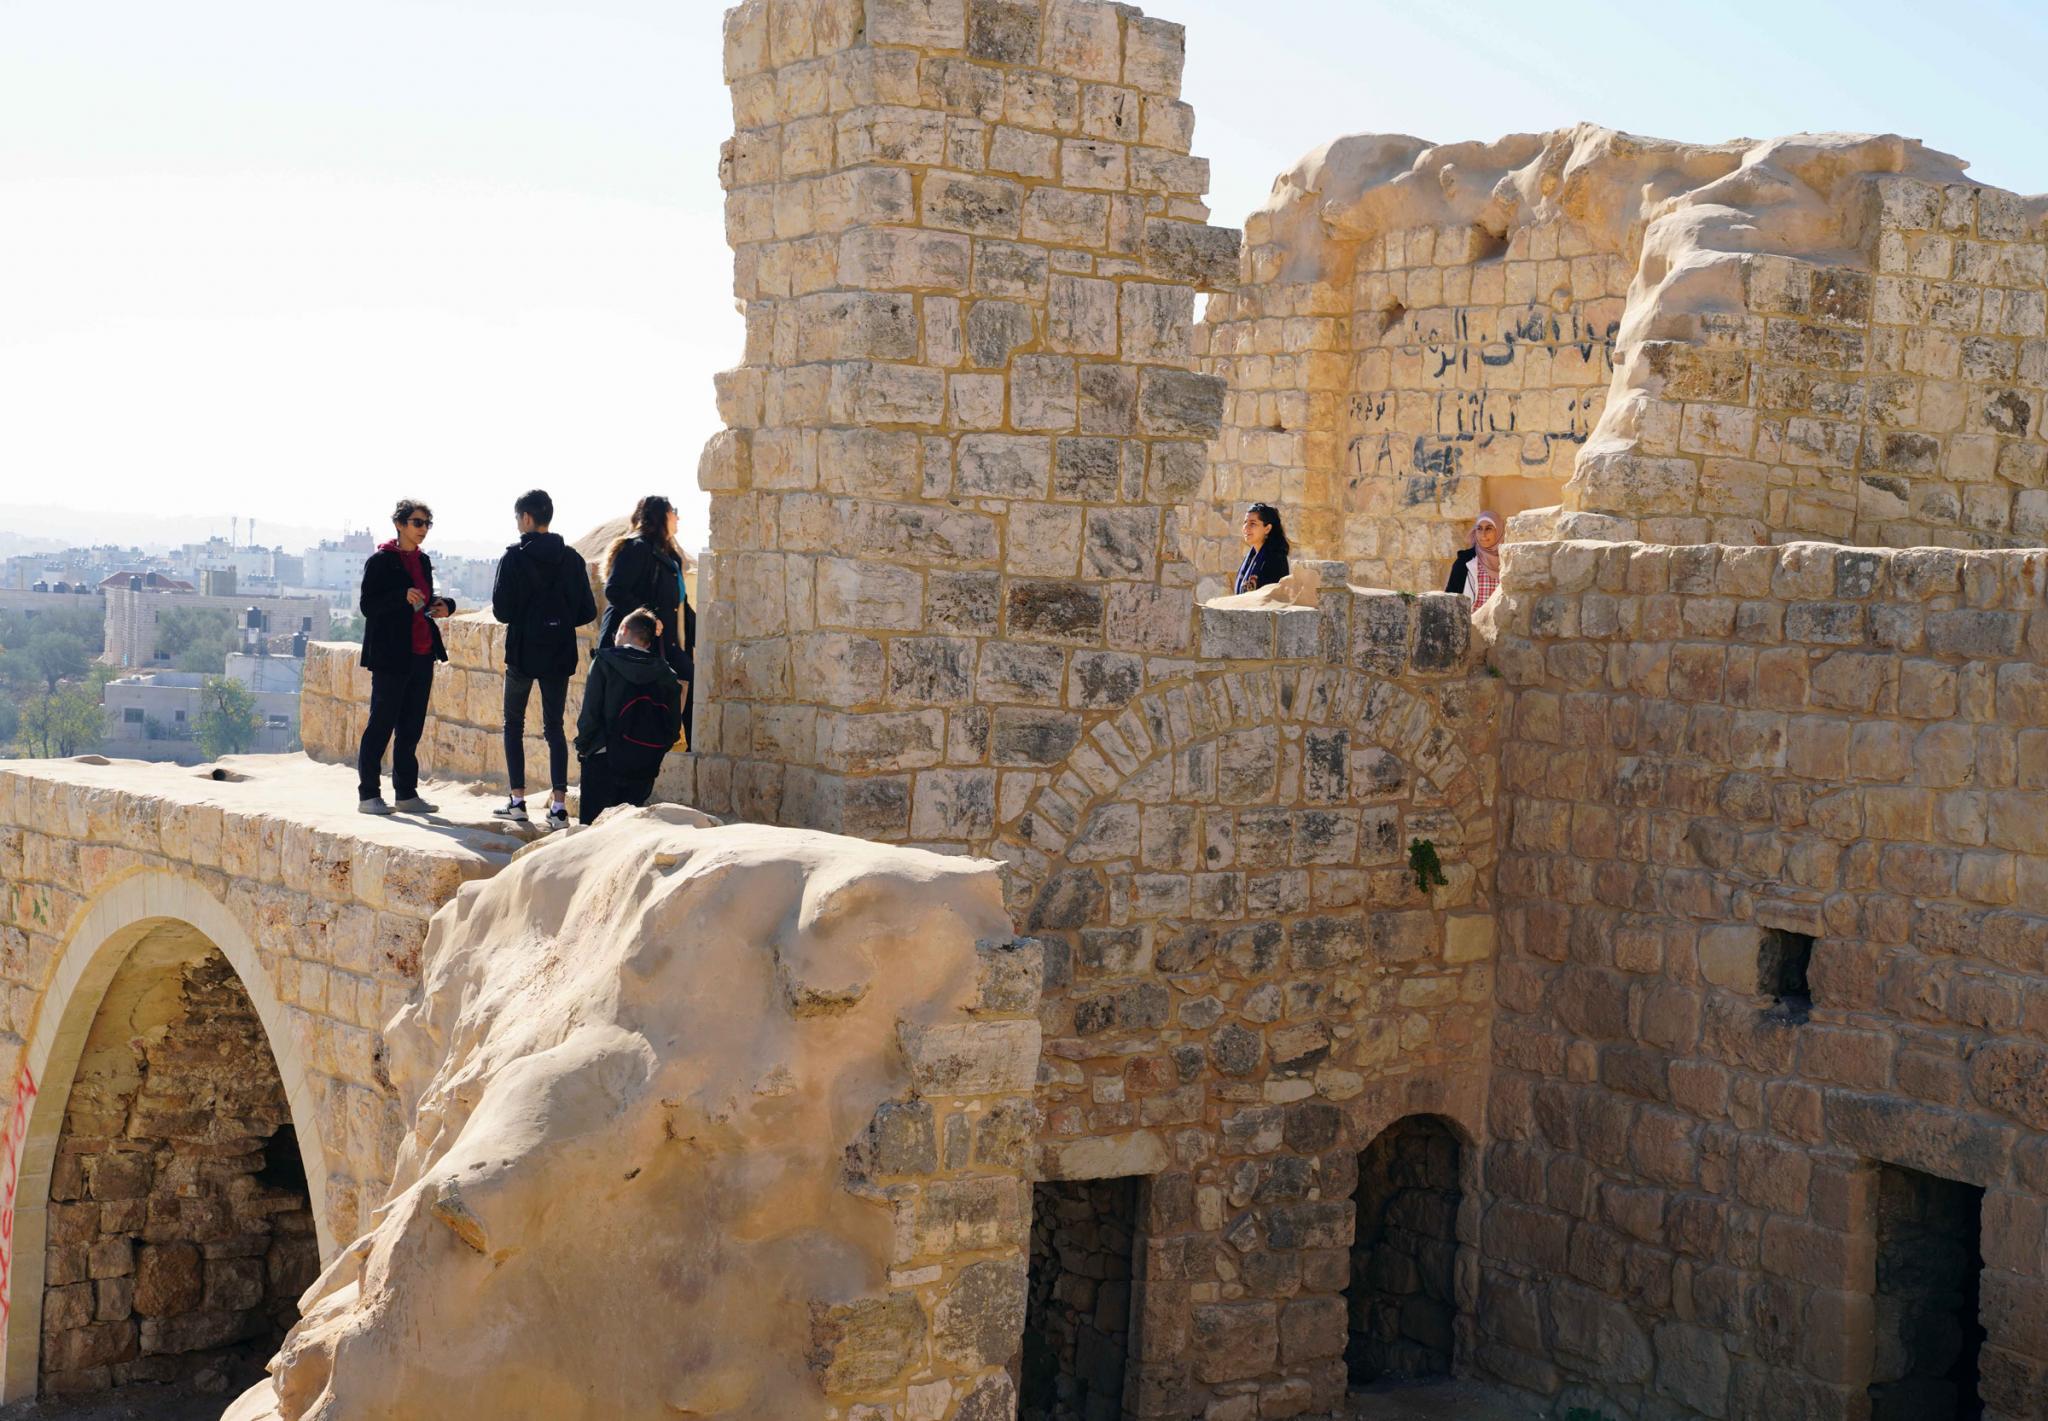 جولة طلبة العمارة الداخلية بالجامعة العربية الأمريكية في البلدة القديمة في كفر عقب